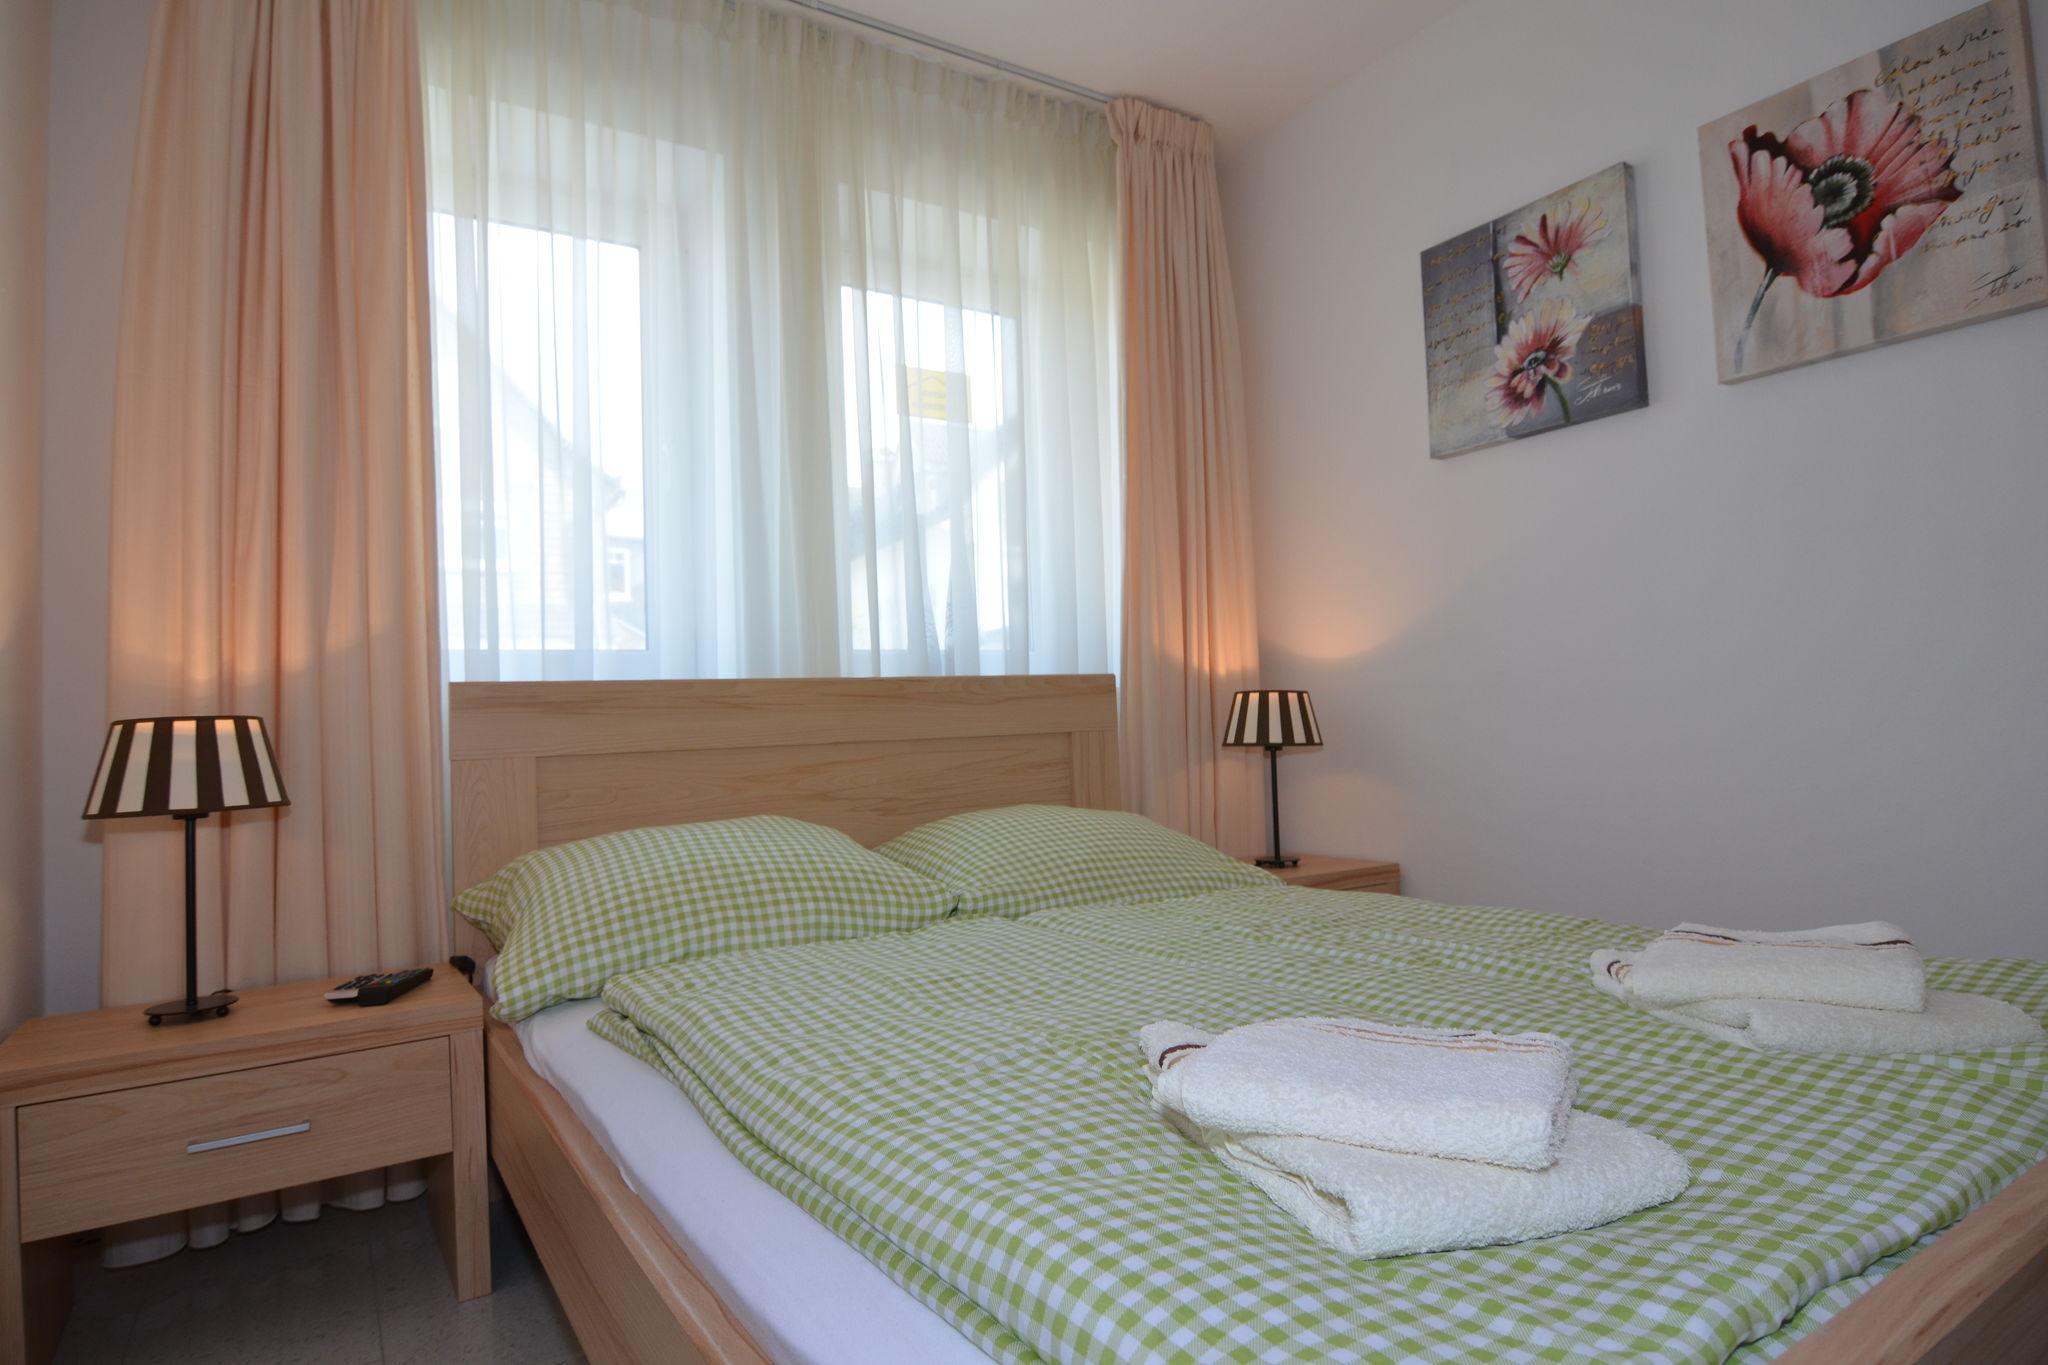 Schöne, moderne Wohnung mit eigener Terrasse in Winterberg